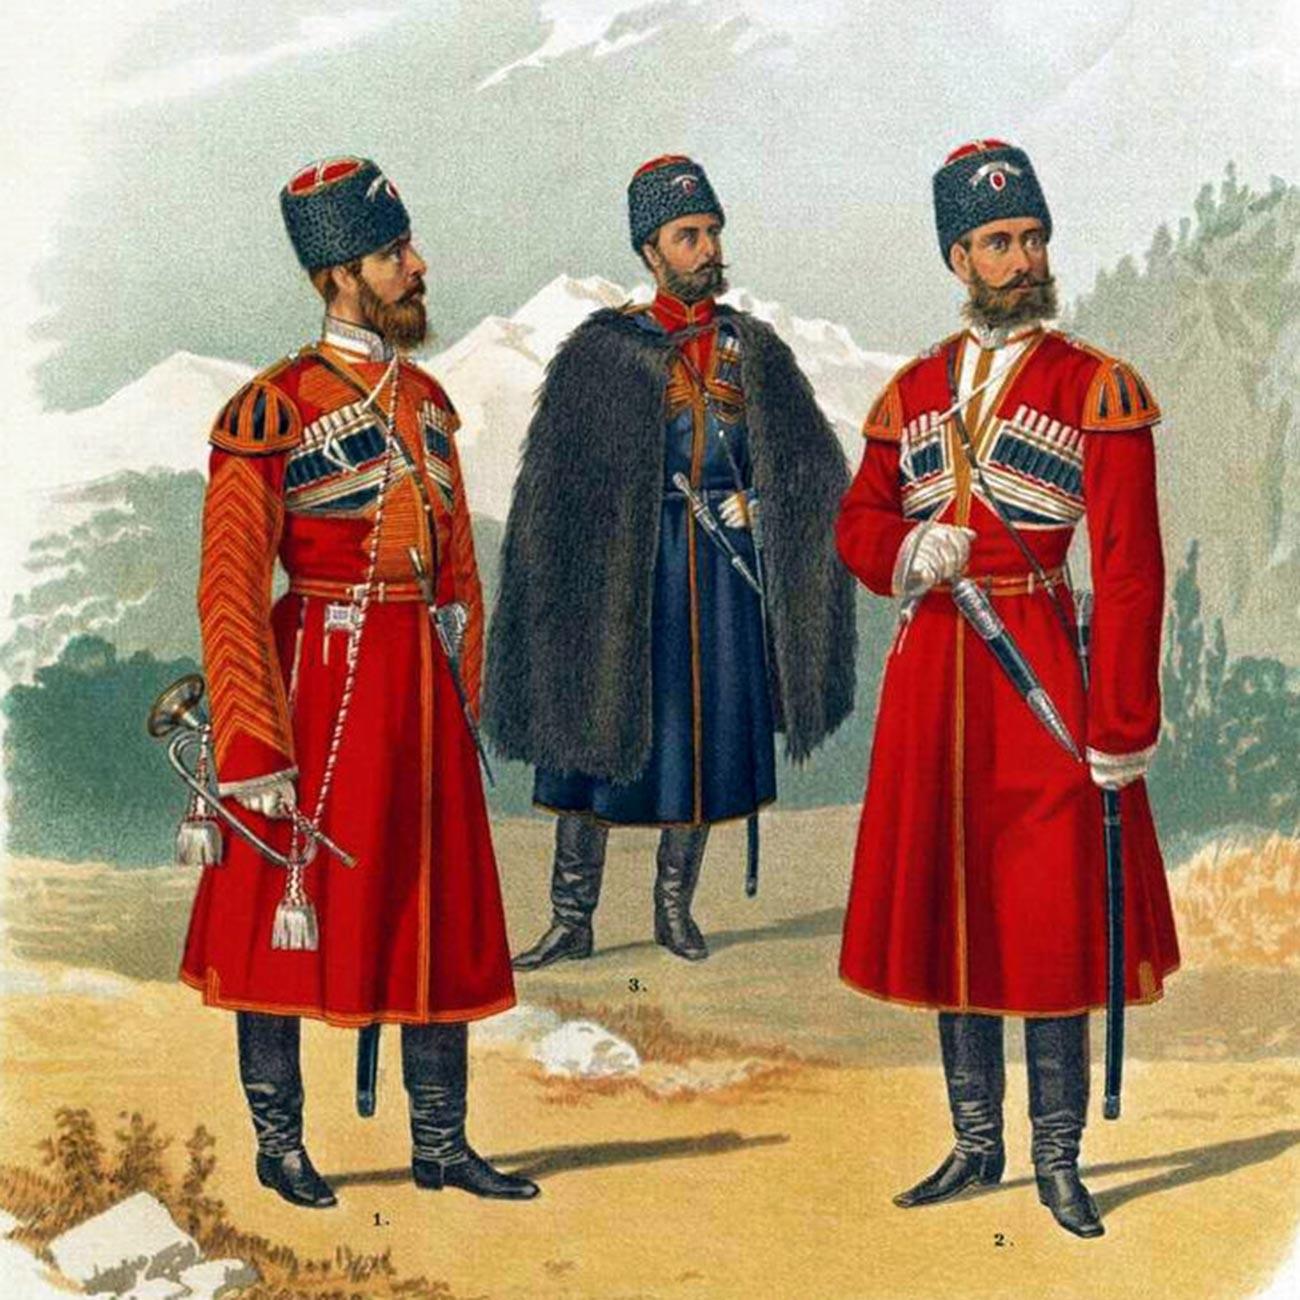 皇帝を守るために編成されたコサック連隊の衣装